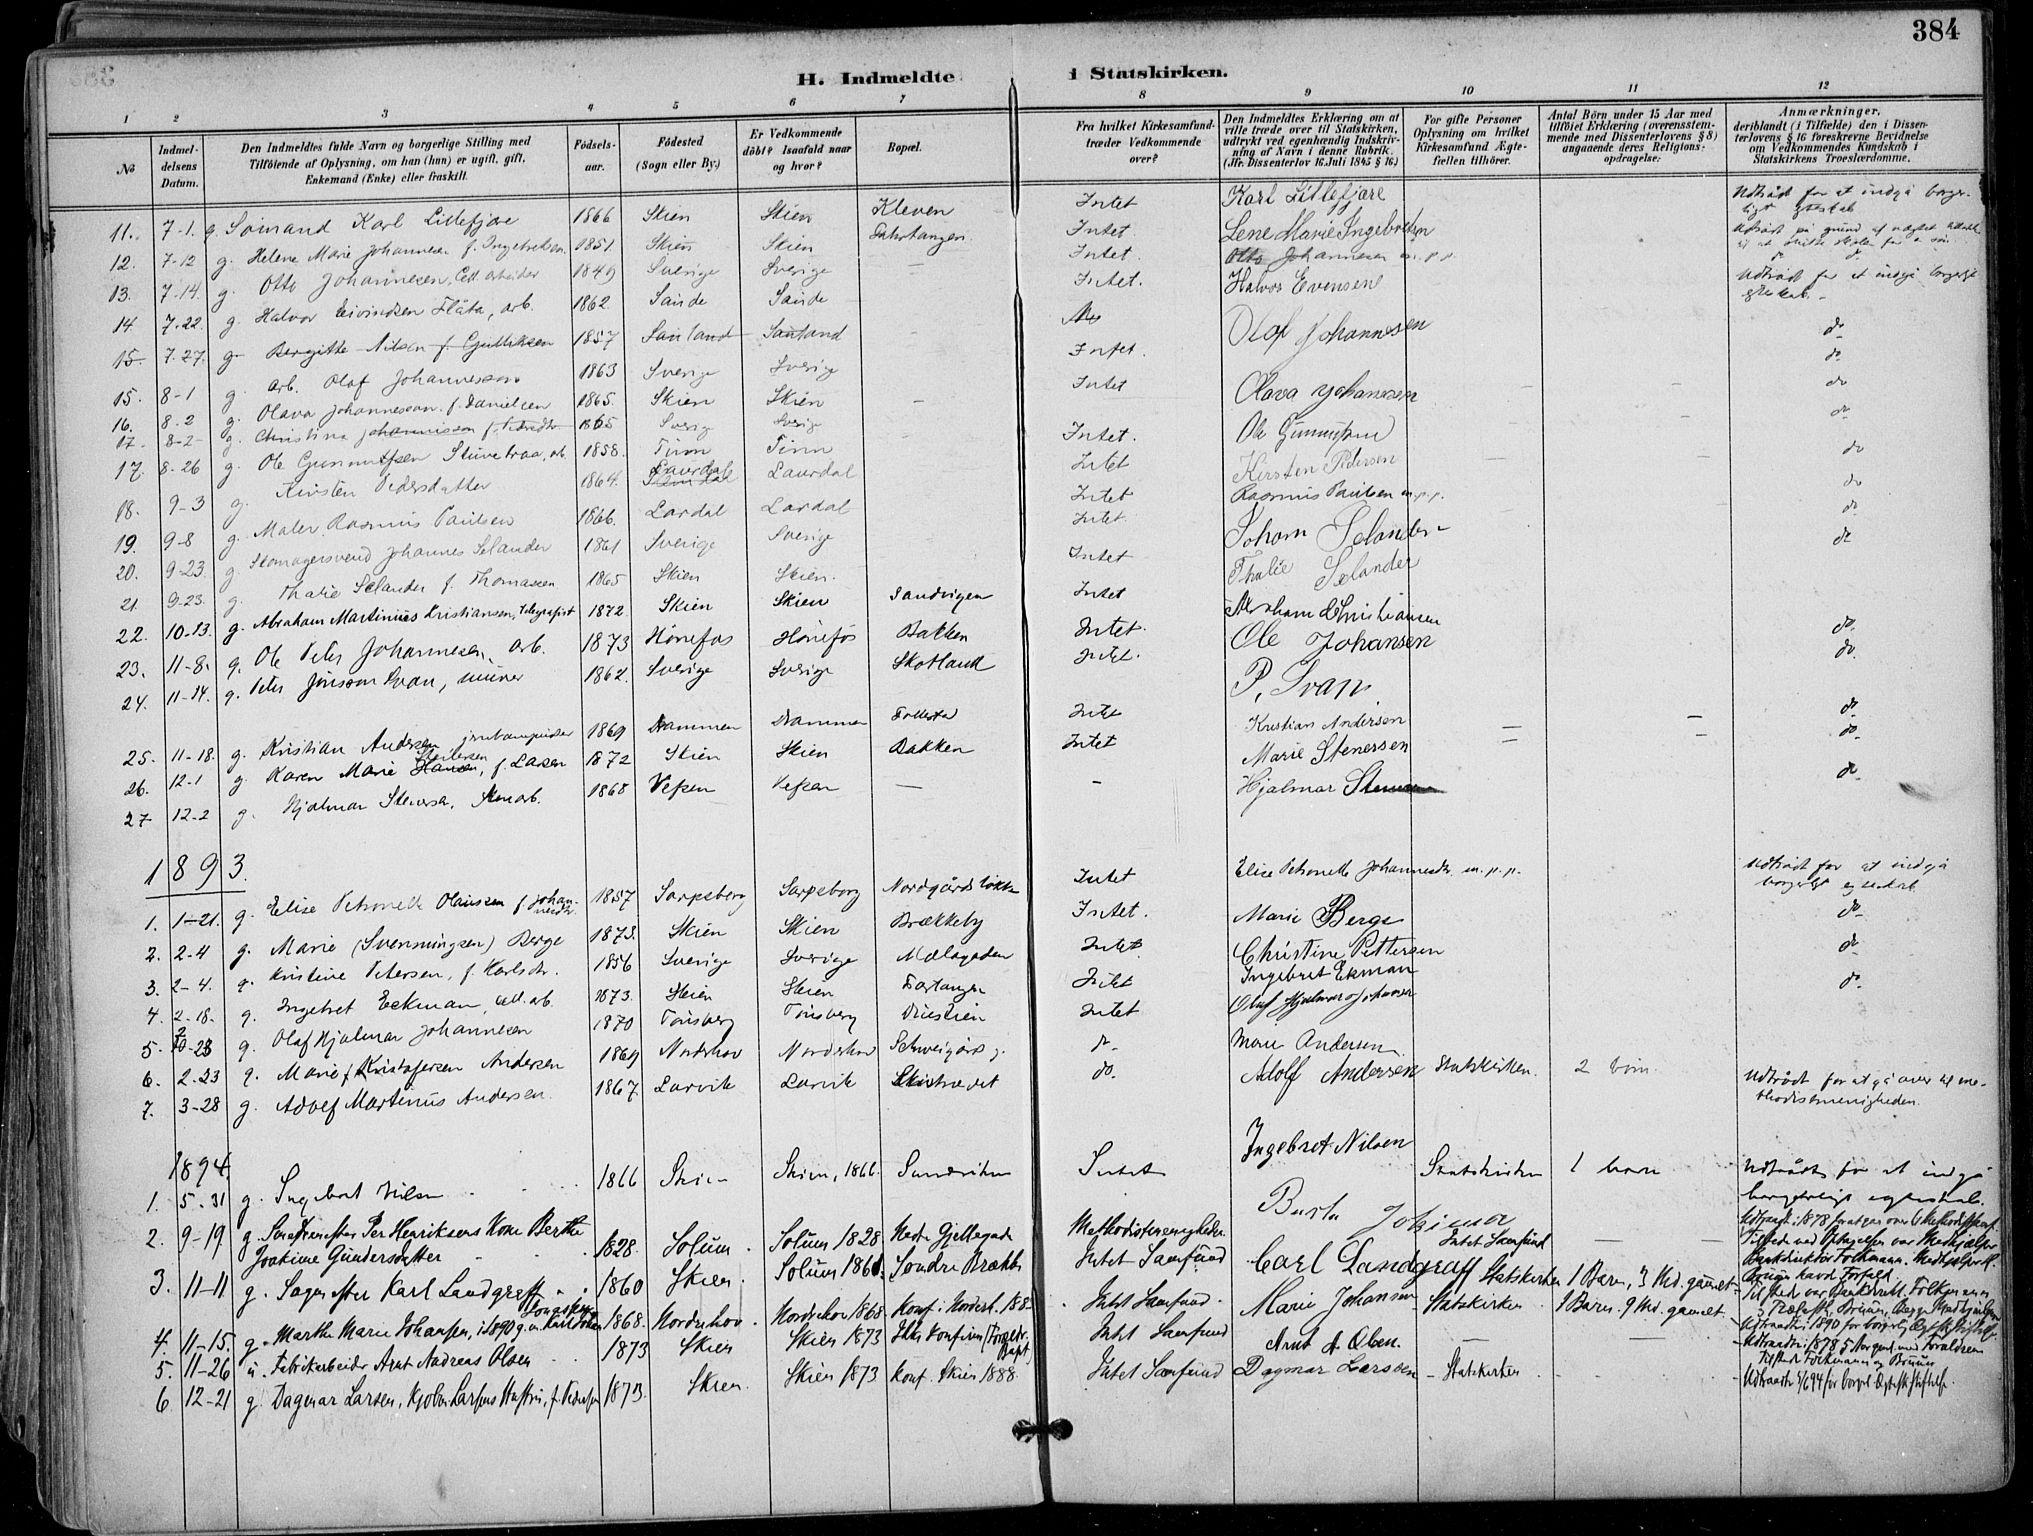 SAKO, Skien kirkebøker, F/Fa/L0010: Ministerialbok nr. 10, 1891-1899, s. 384